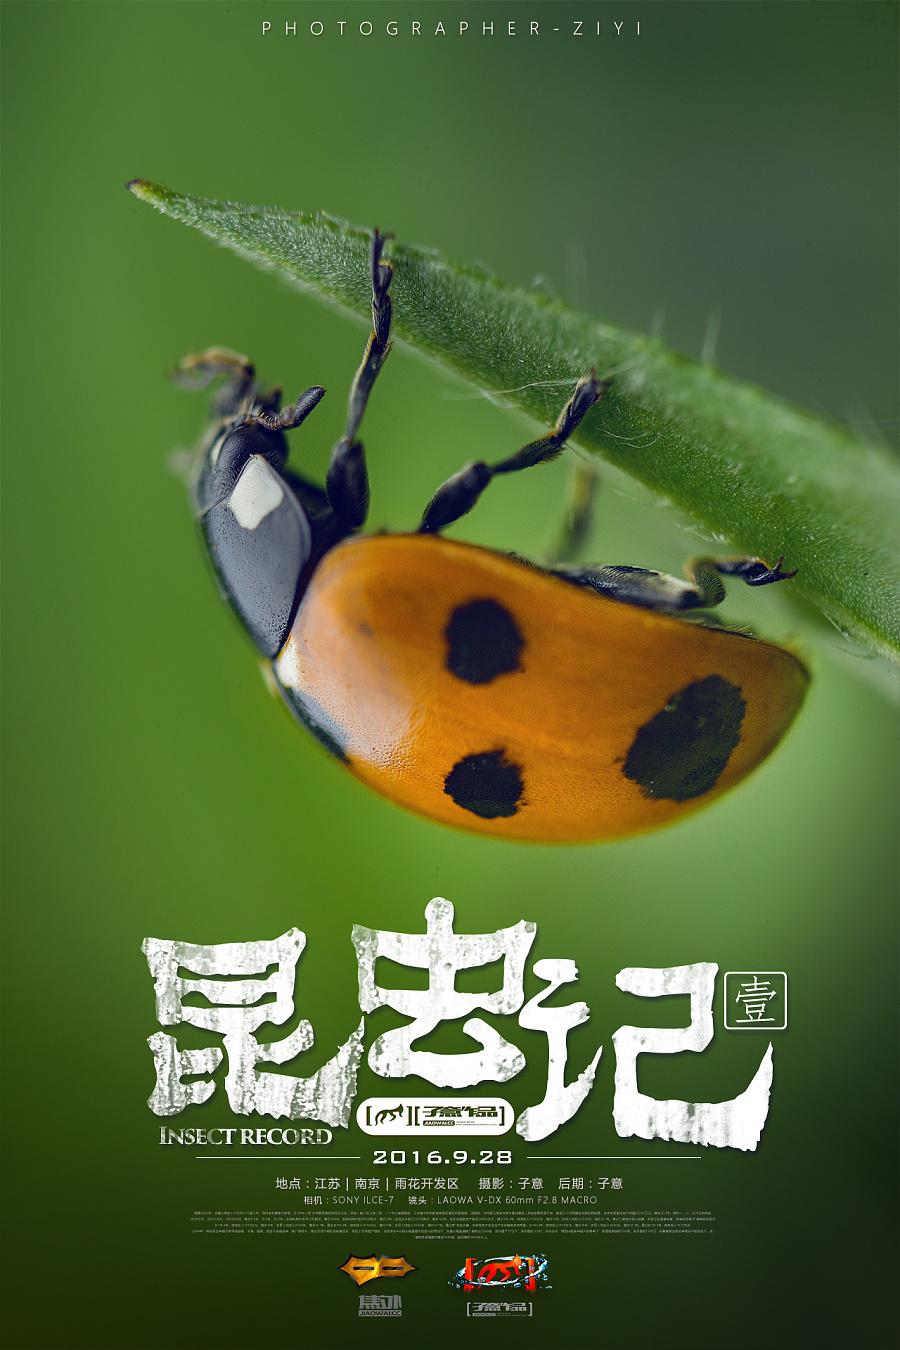 《昆虫记.壹》|生态|摄影|摄影师子意